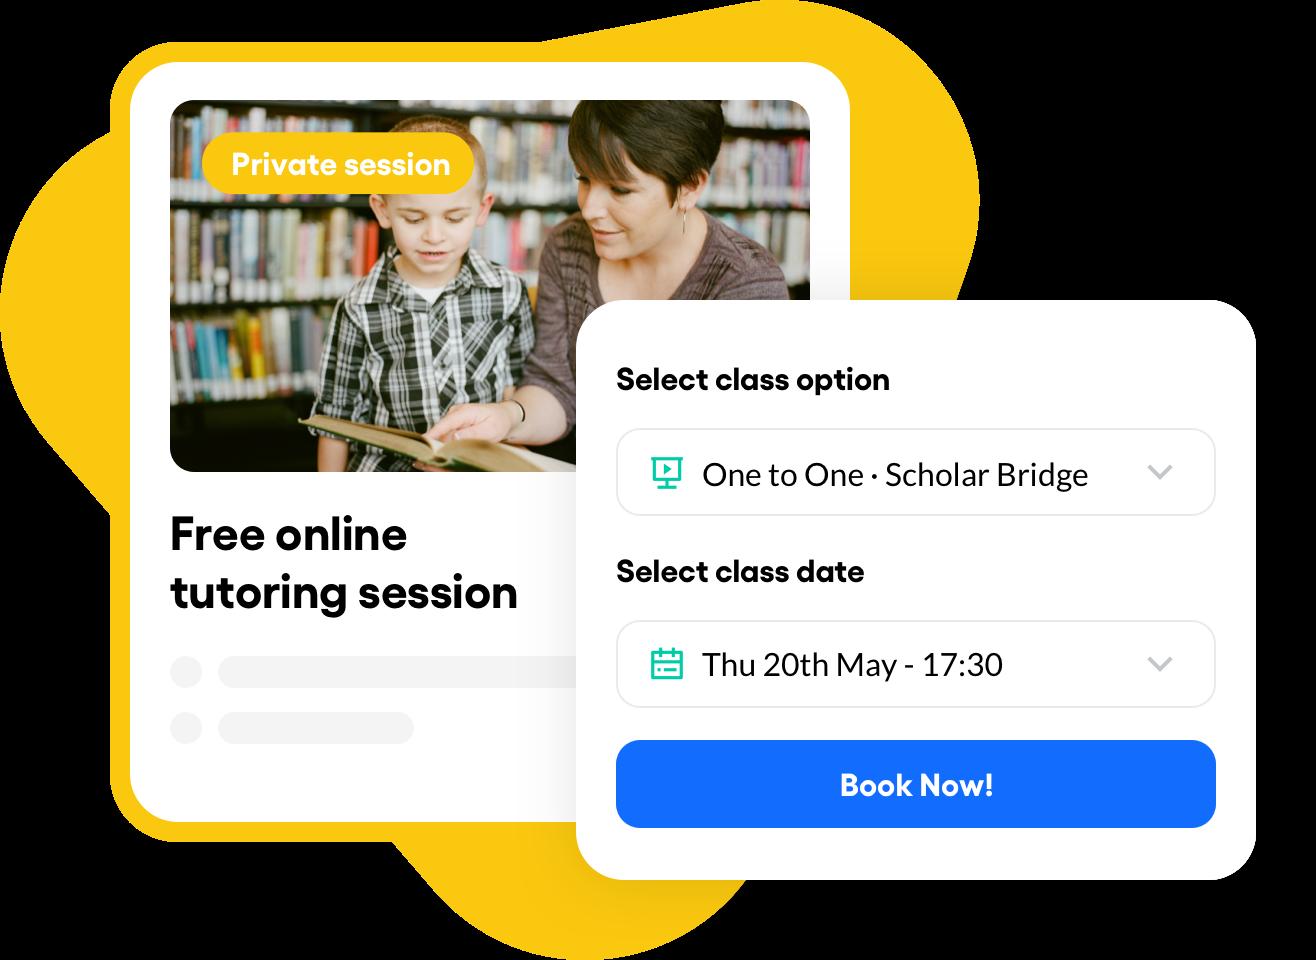 Online tutoring images